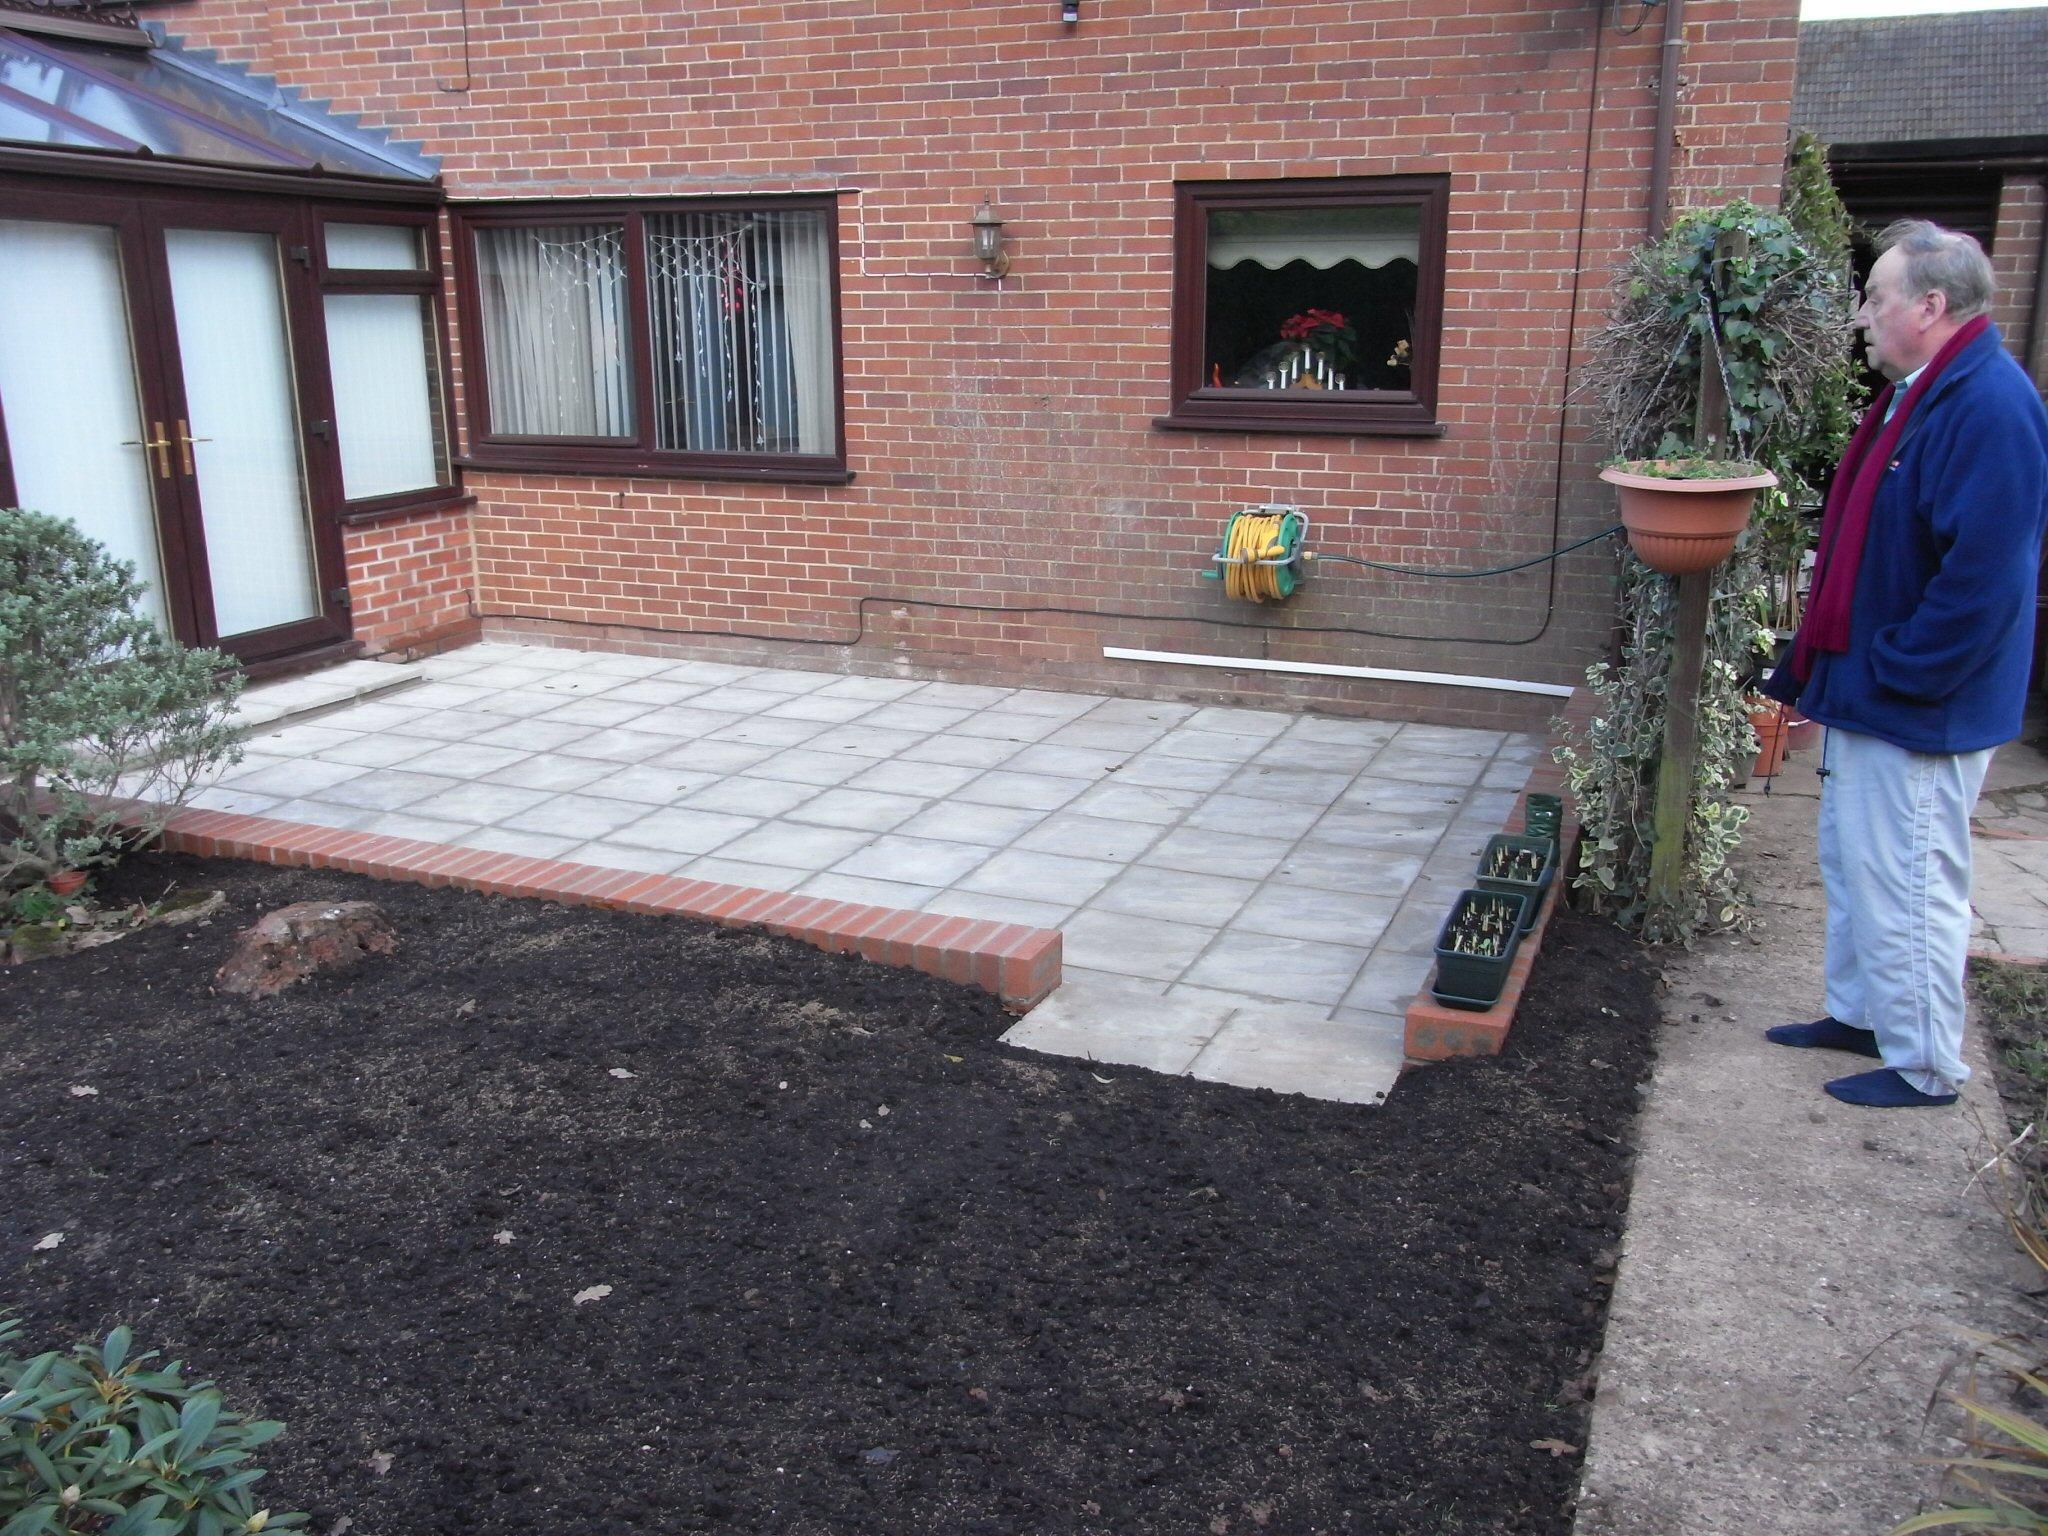 garden design abacus landscaping design. Black Bedroom Furniture Sets. Home Design Ideas